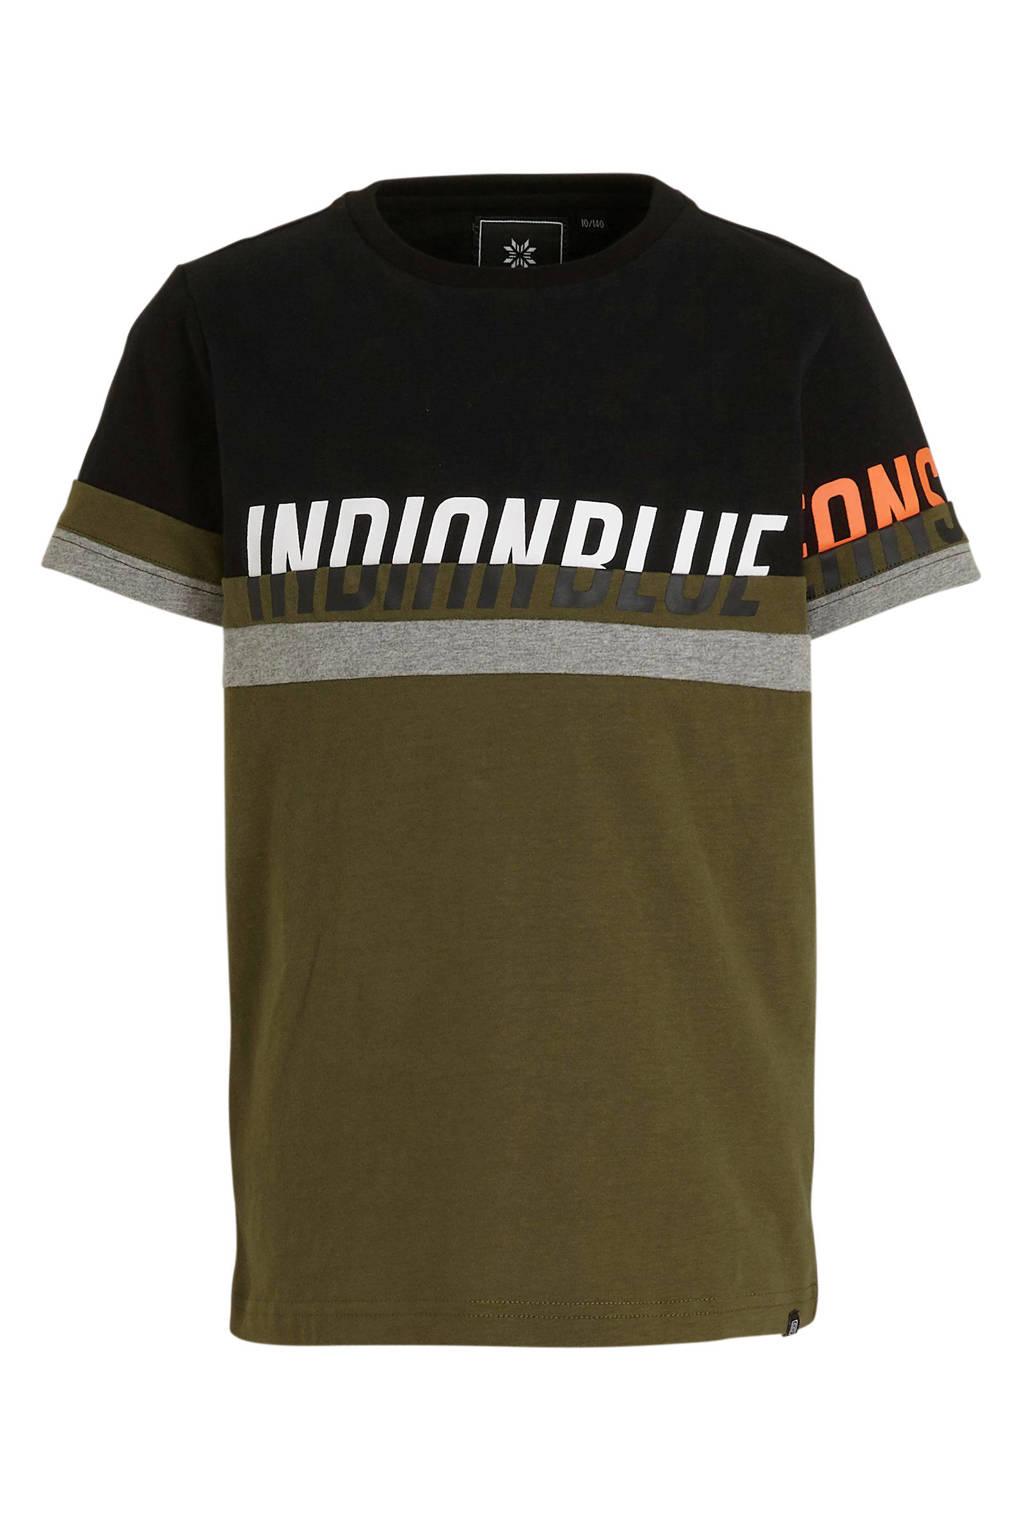 Indian Blue Jeans T-shirt met tekst army groen/zwart/wit, Army groen/zwart/wit